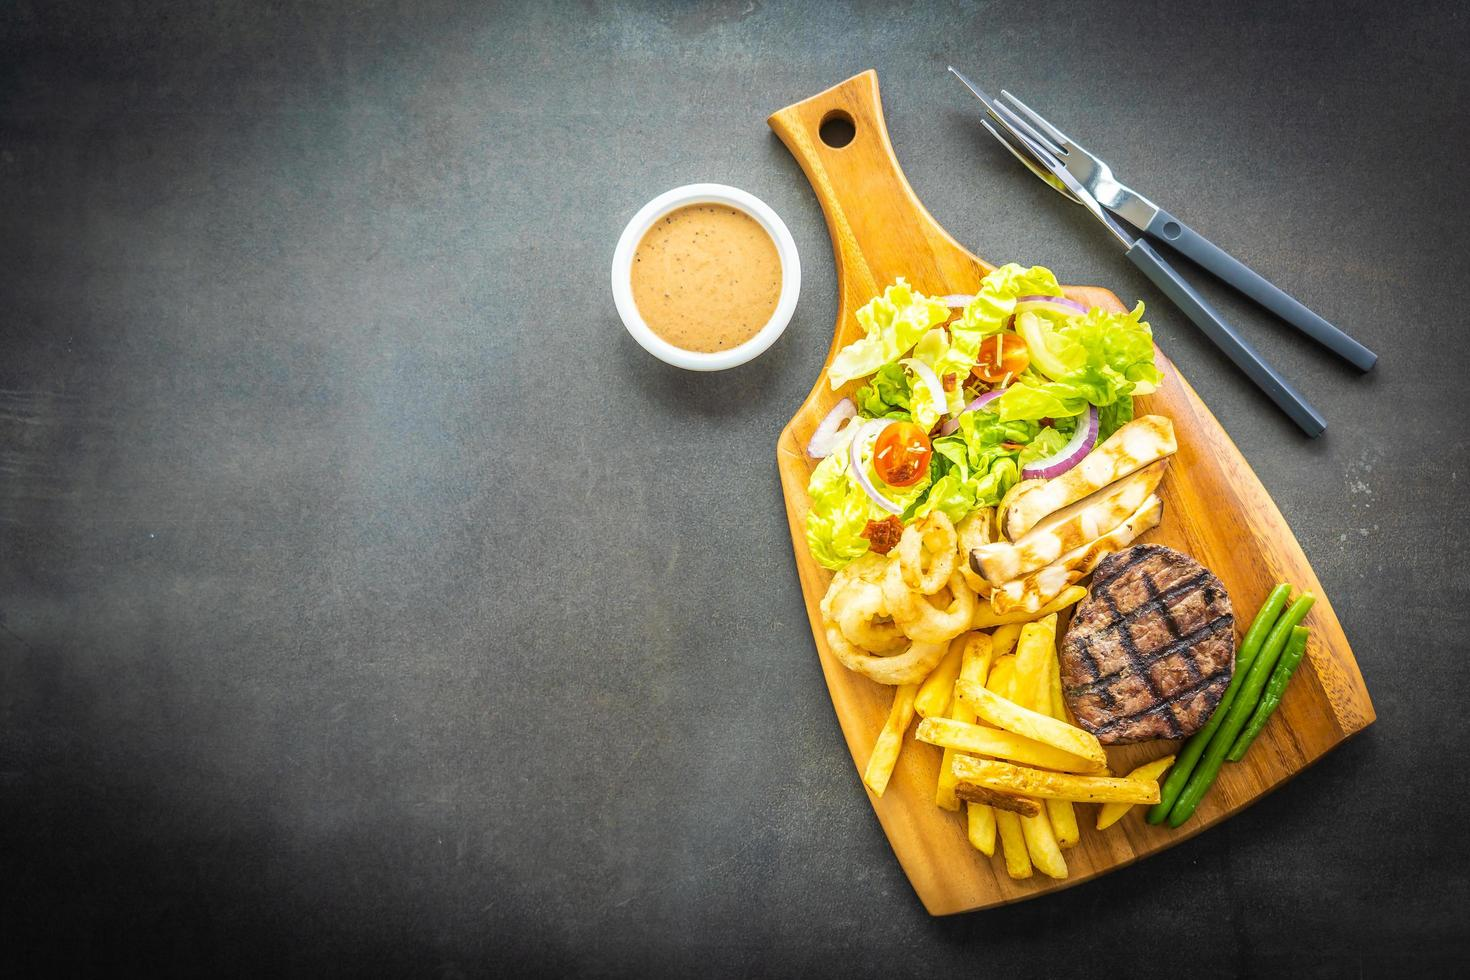 Bistec de ternera a la plancha con patatas fritas, salsa y verduras frescas foto